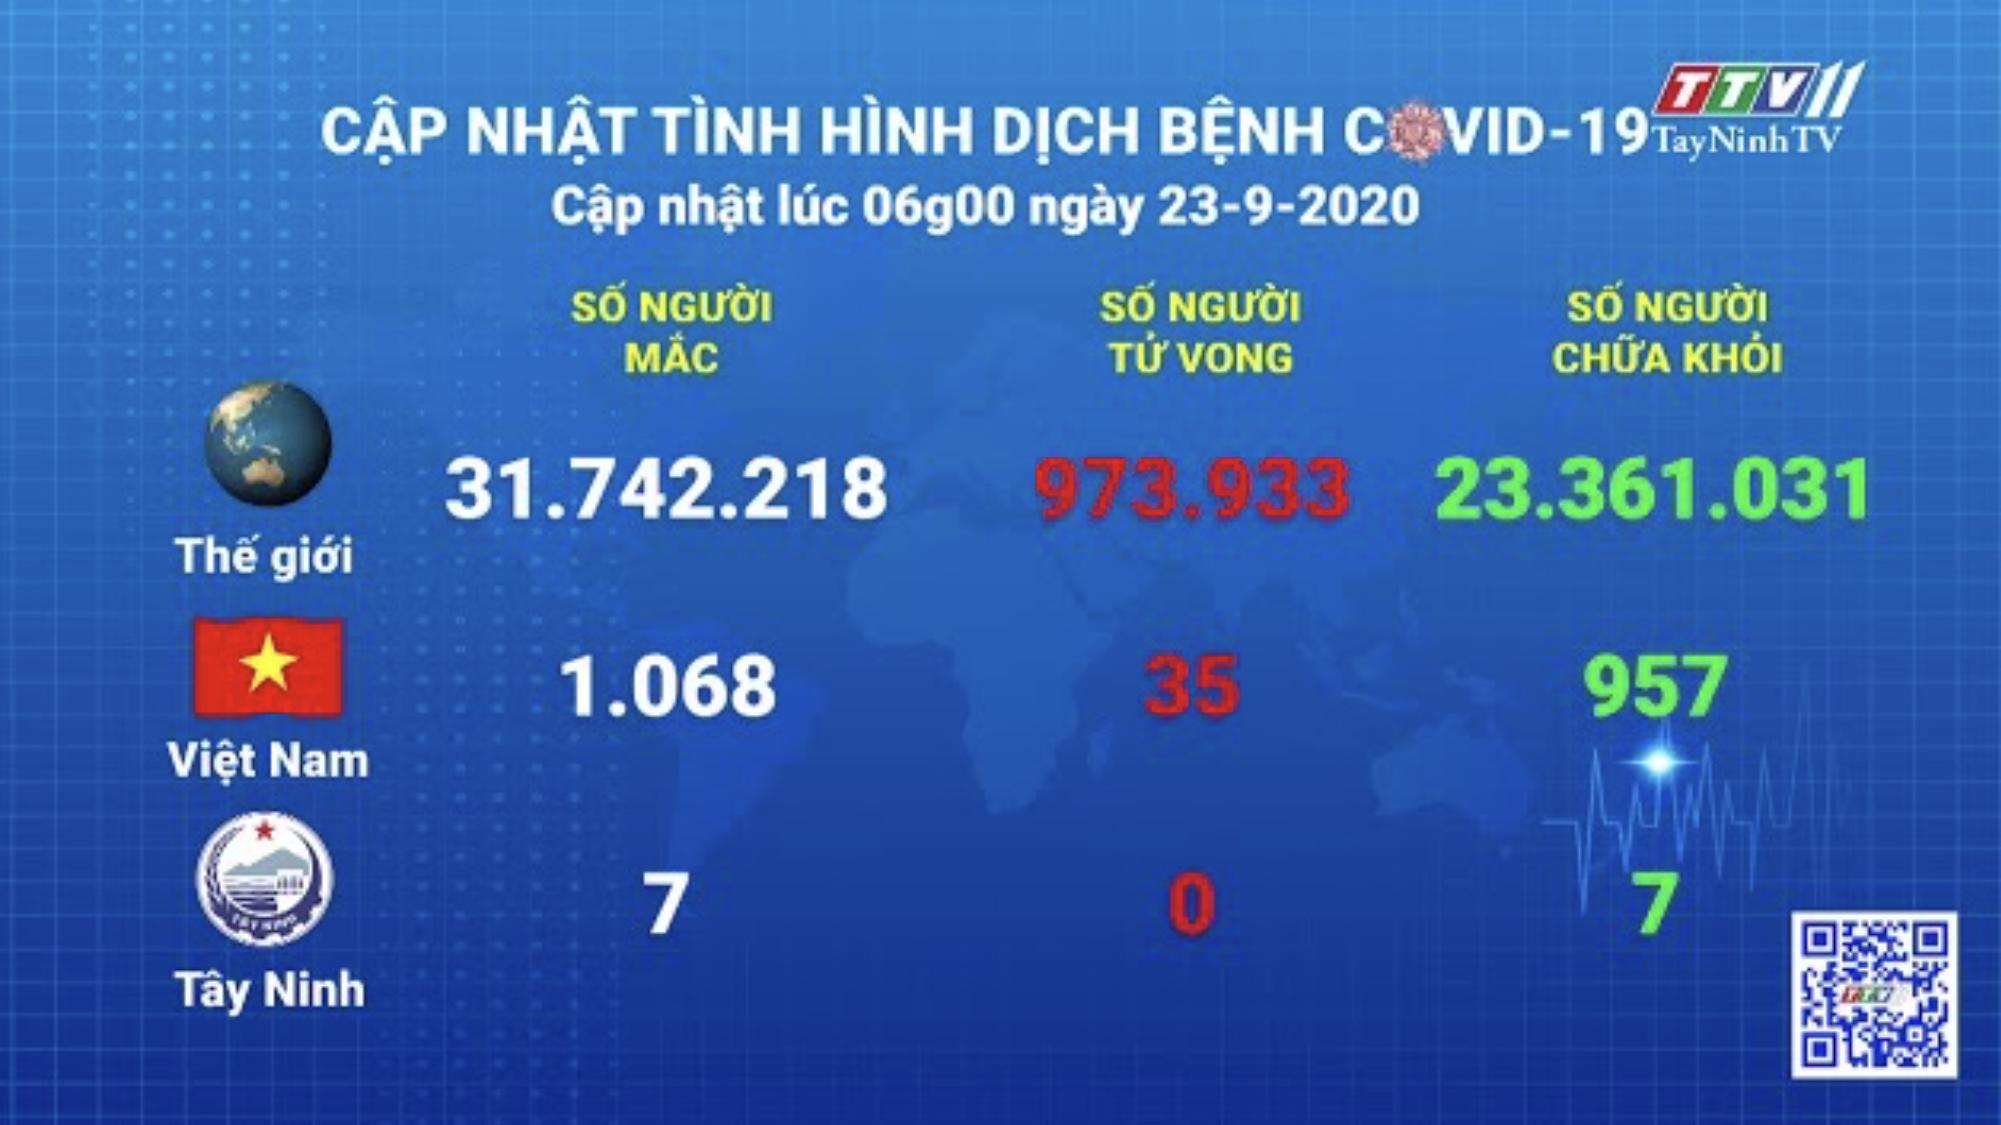 Cập nhật tình hình Covid-19 vào lúc 06 giờ 23-9-2020 | Thông tin dịch Covid-19 | TayNinhTV